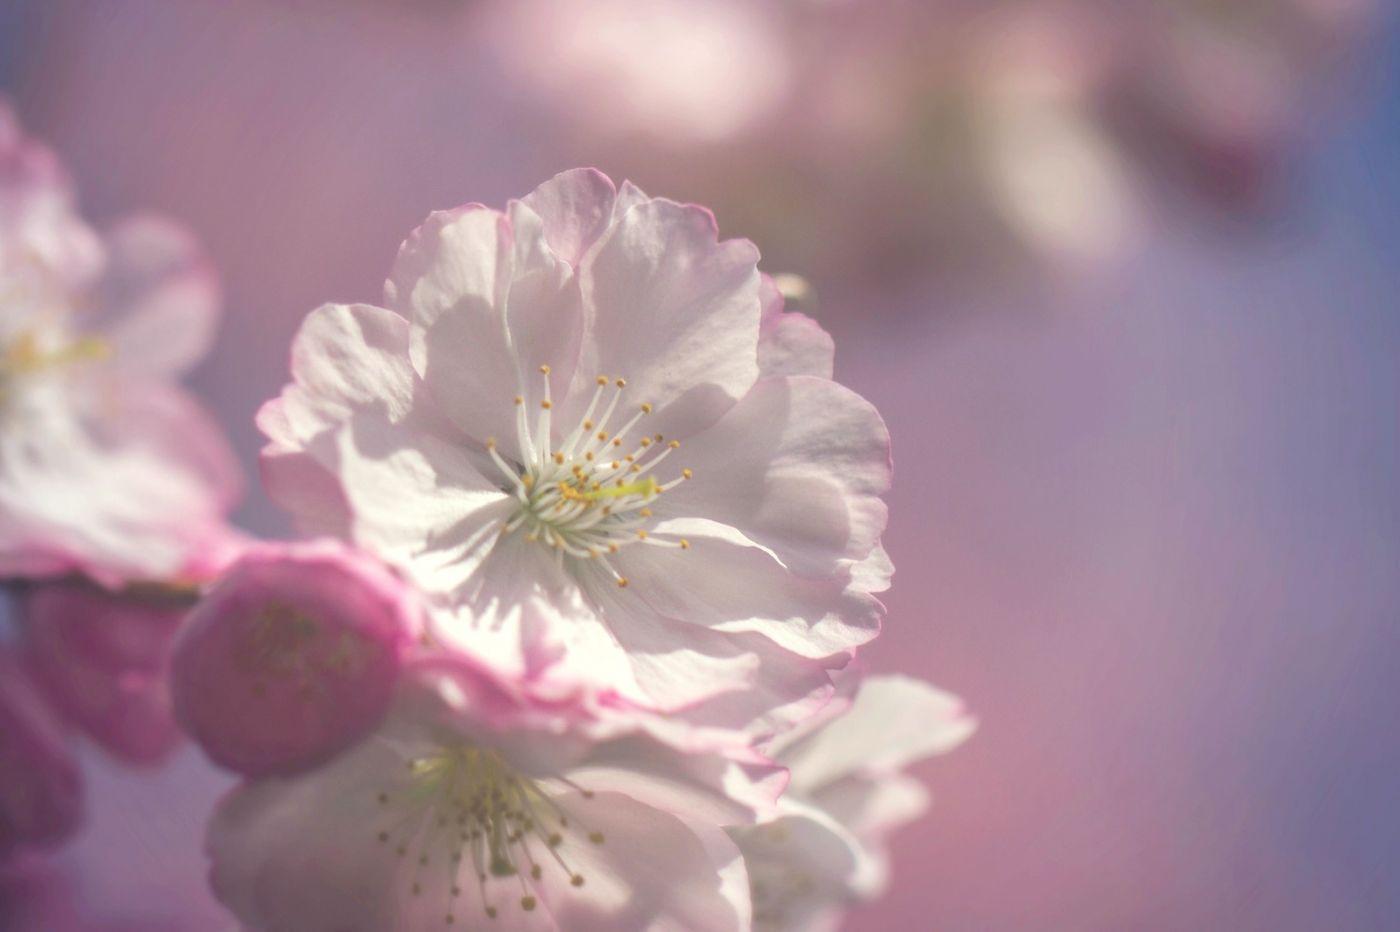 粉红的水嫩的,好看极了_图1-8